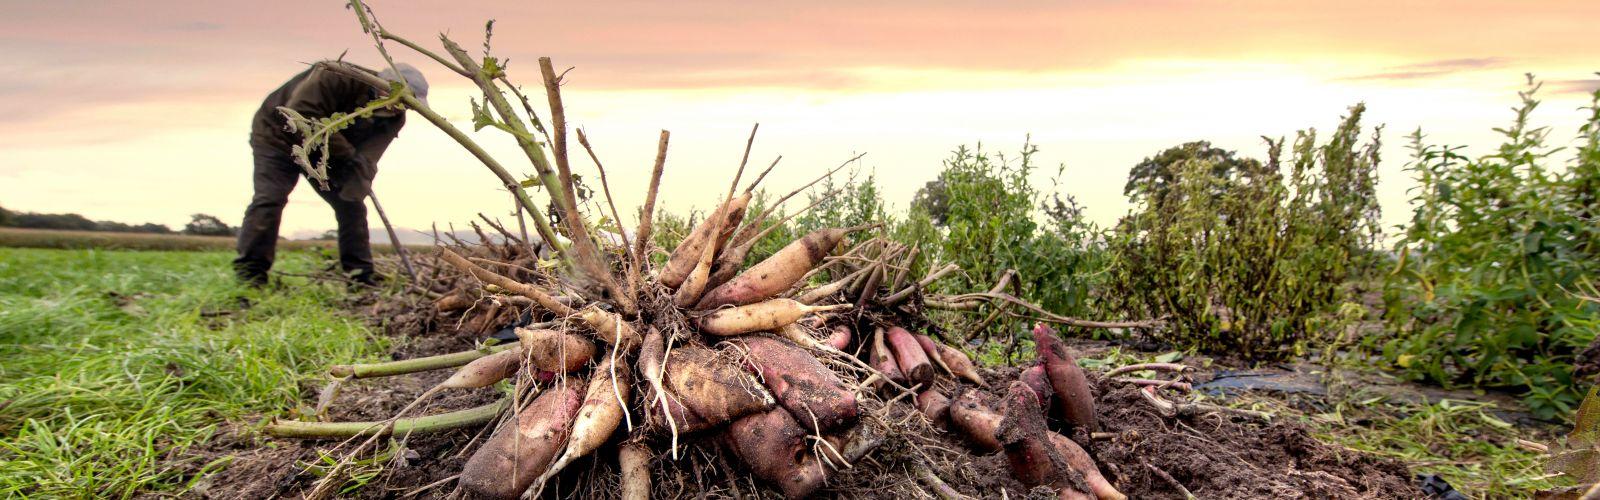 Vernieuwing agrifood in Noordoost-Brabant